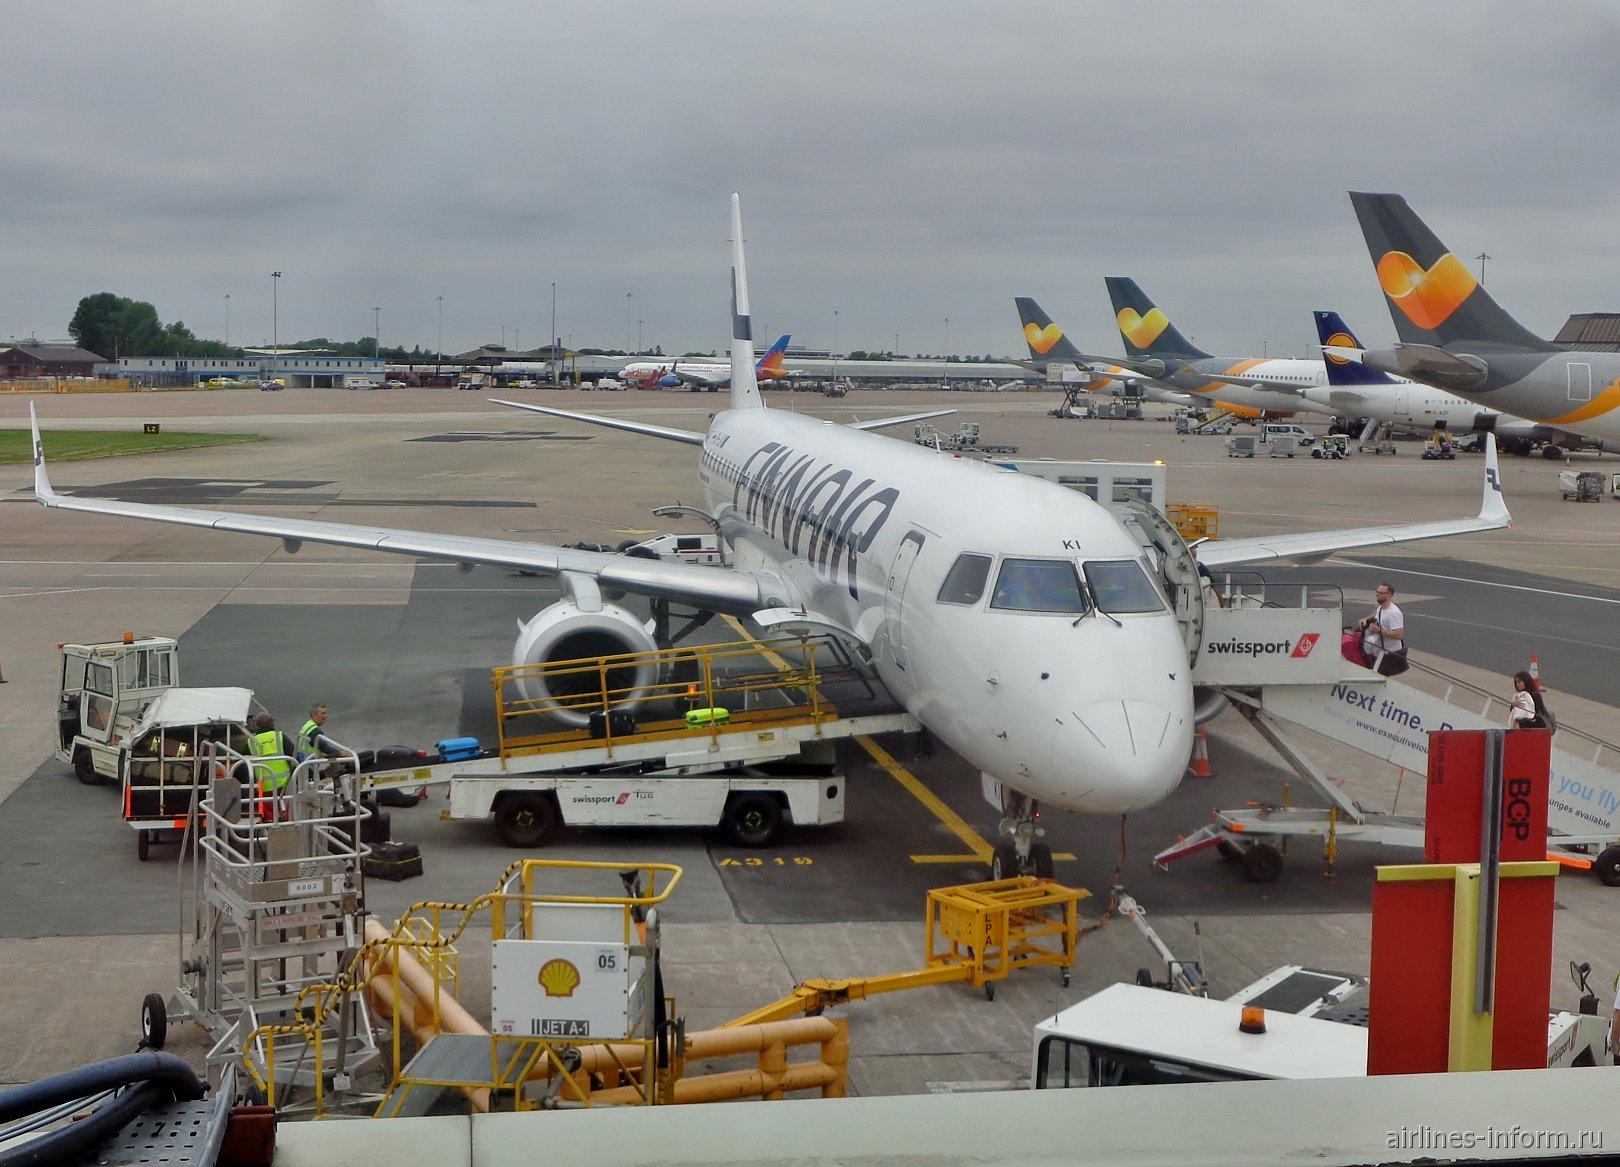 Загрузка самолета Embraer 190 авиакомпании Finnair в аэропорту Манчестера